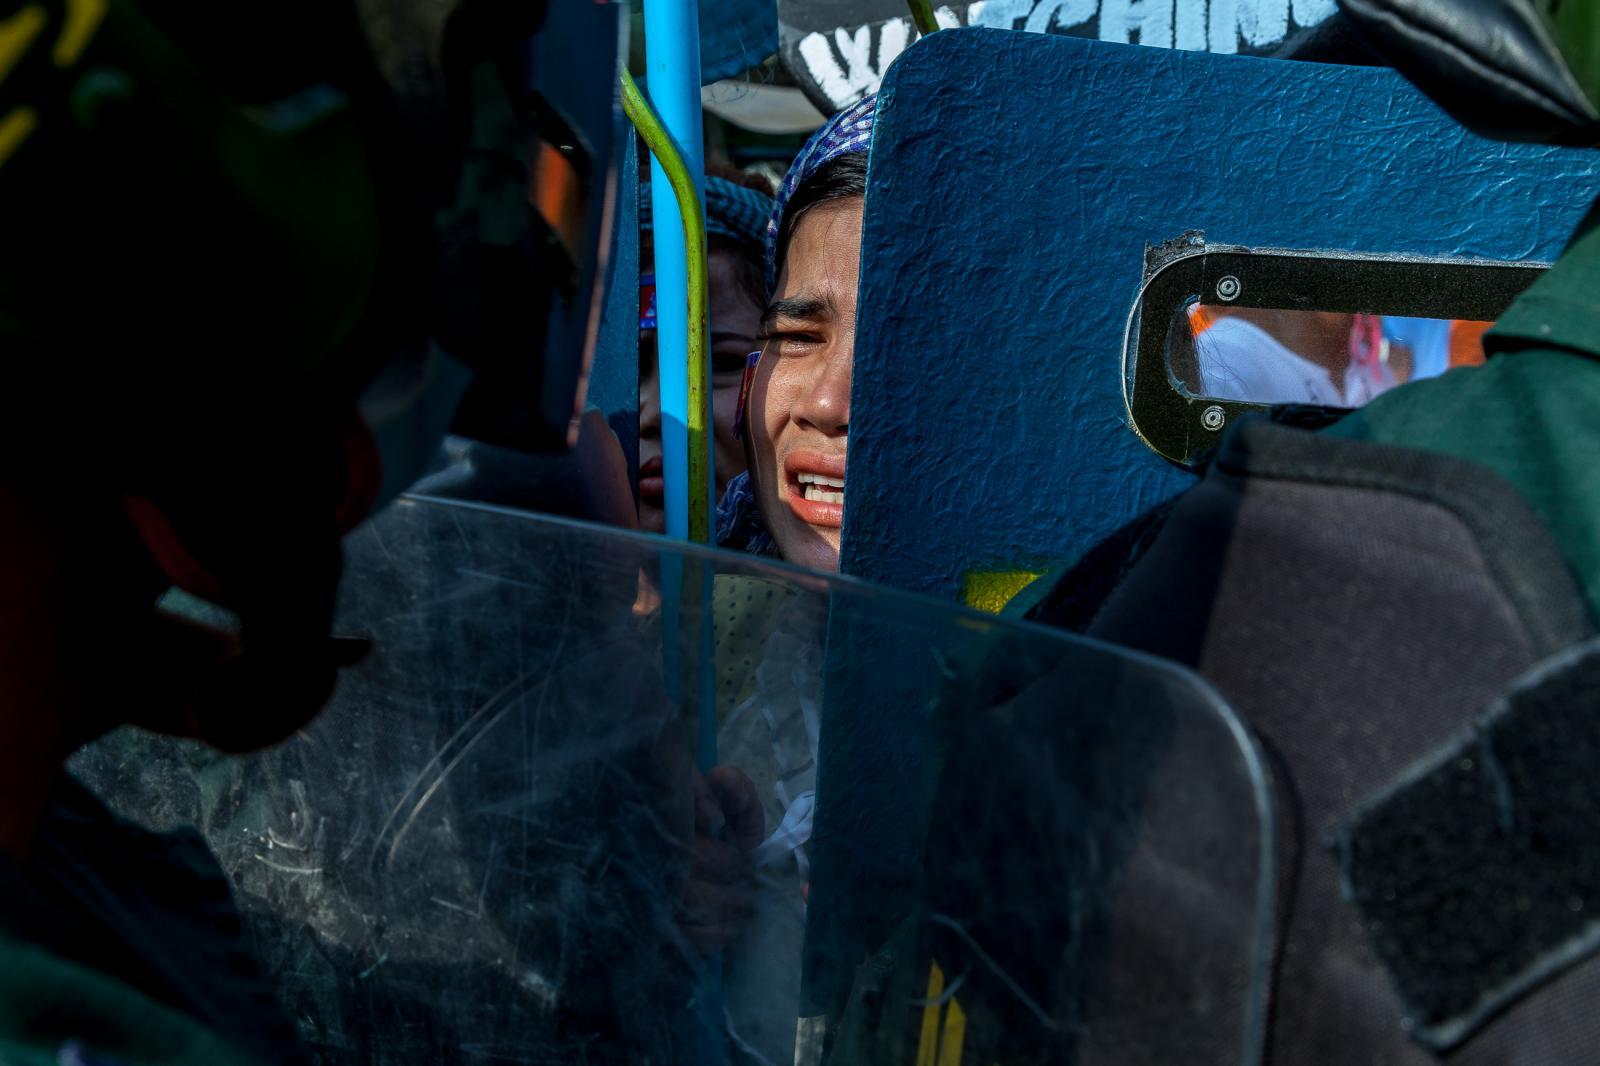 Photography image - Loading 003_Tep-Vanny-Cambodia-Omar-Havana.jpg